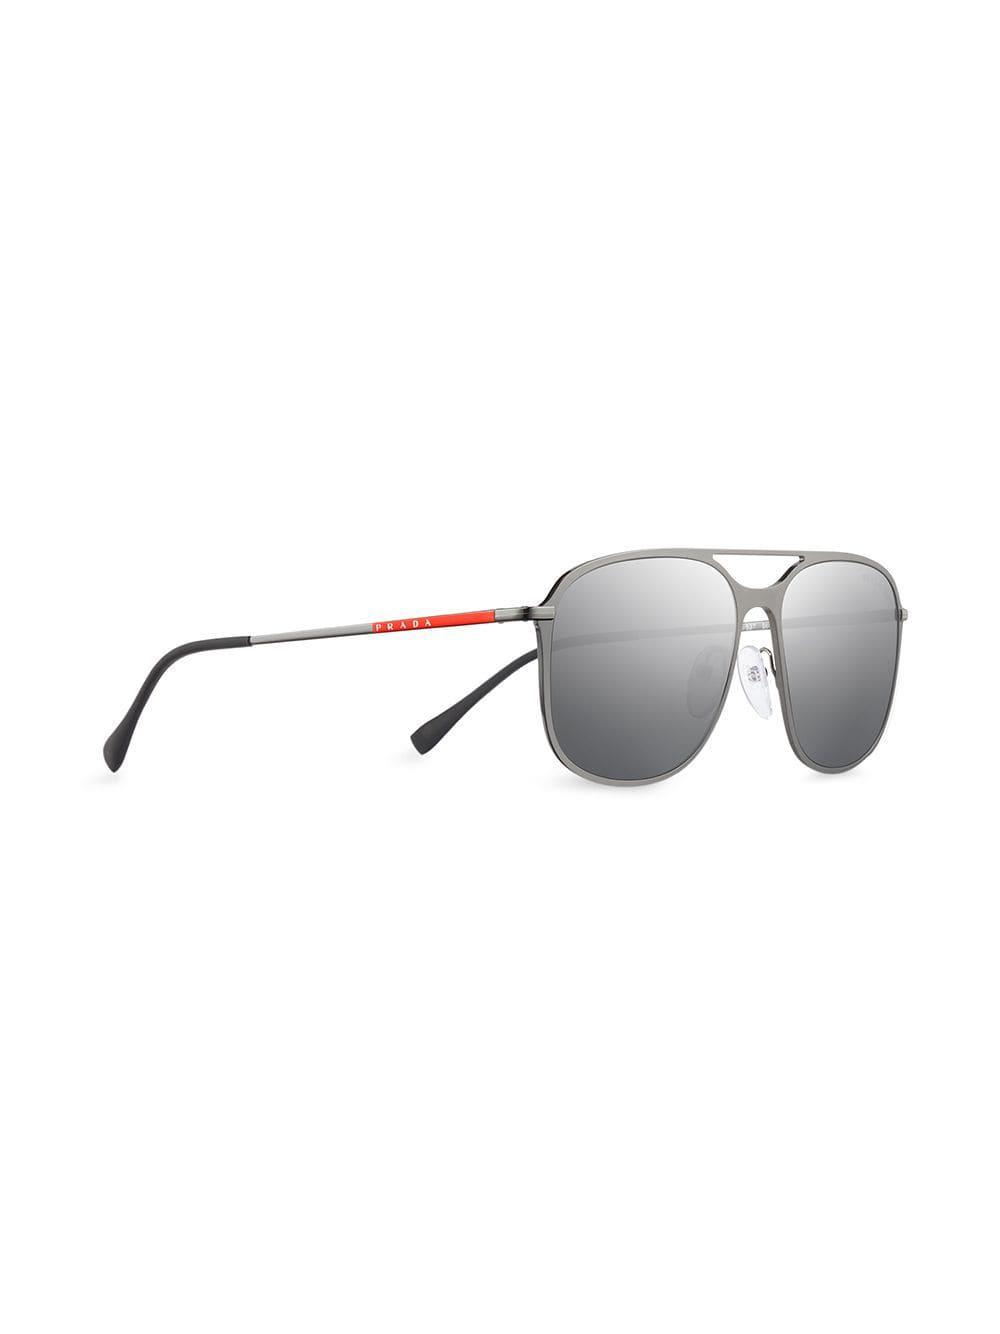 5a2f5265db ... Prada Linea Rossa Constellation Eyewear for Men - Lyst. View fullscreen